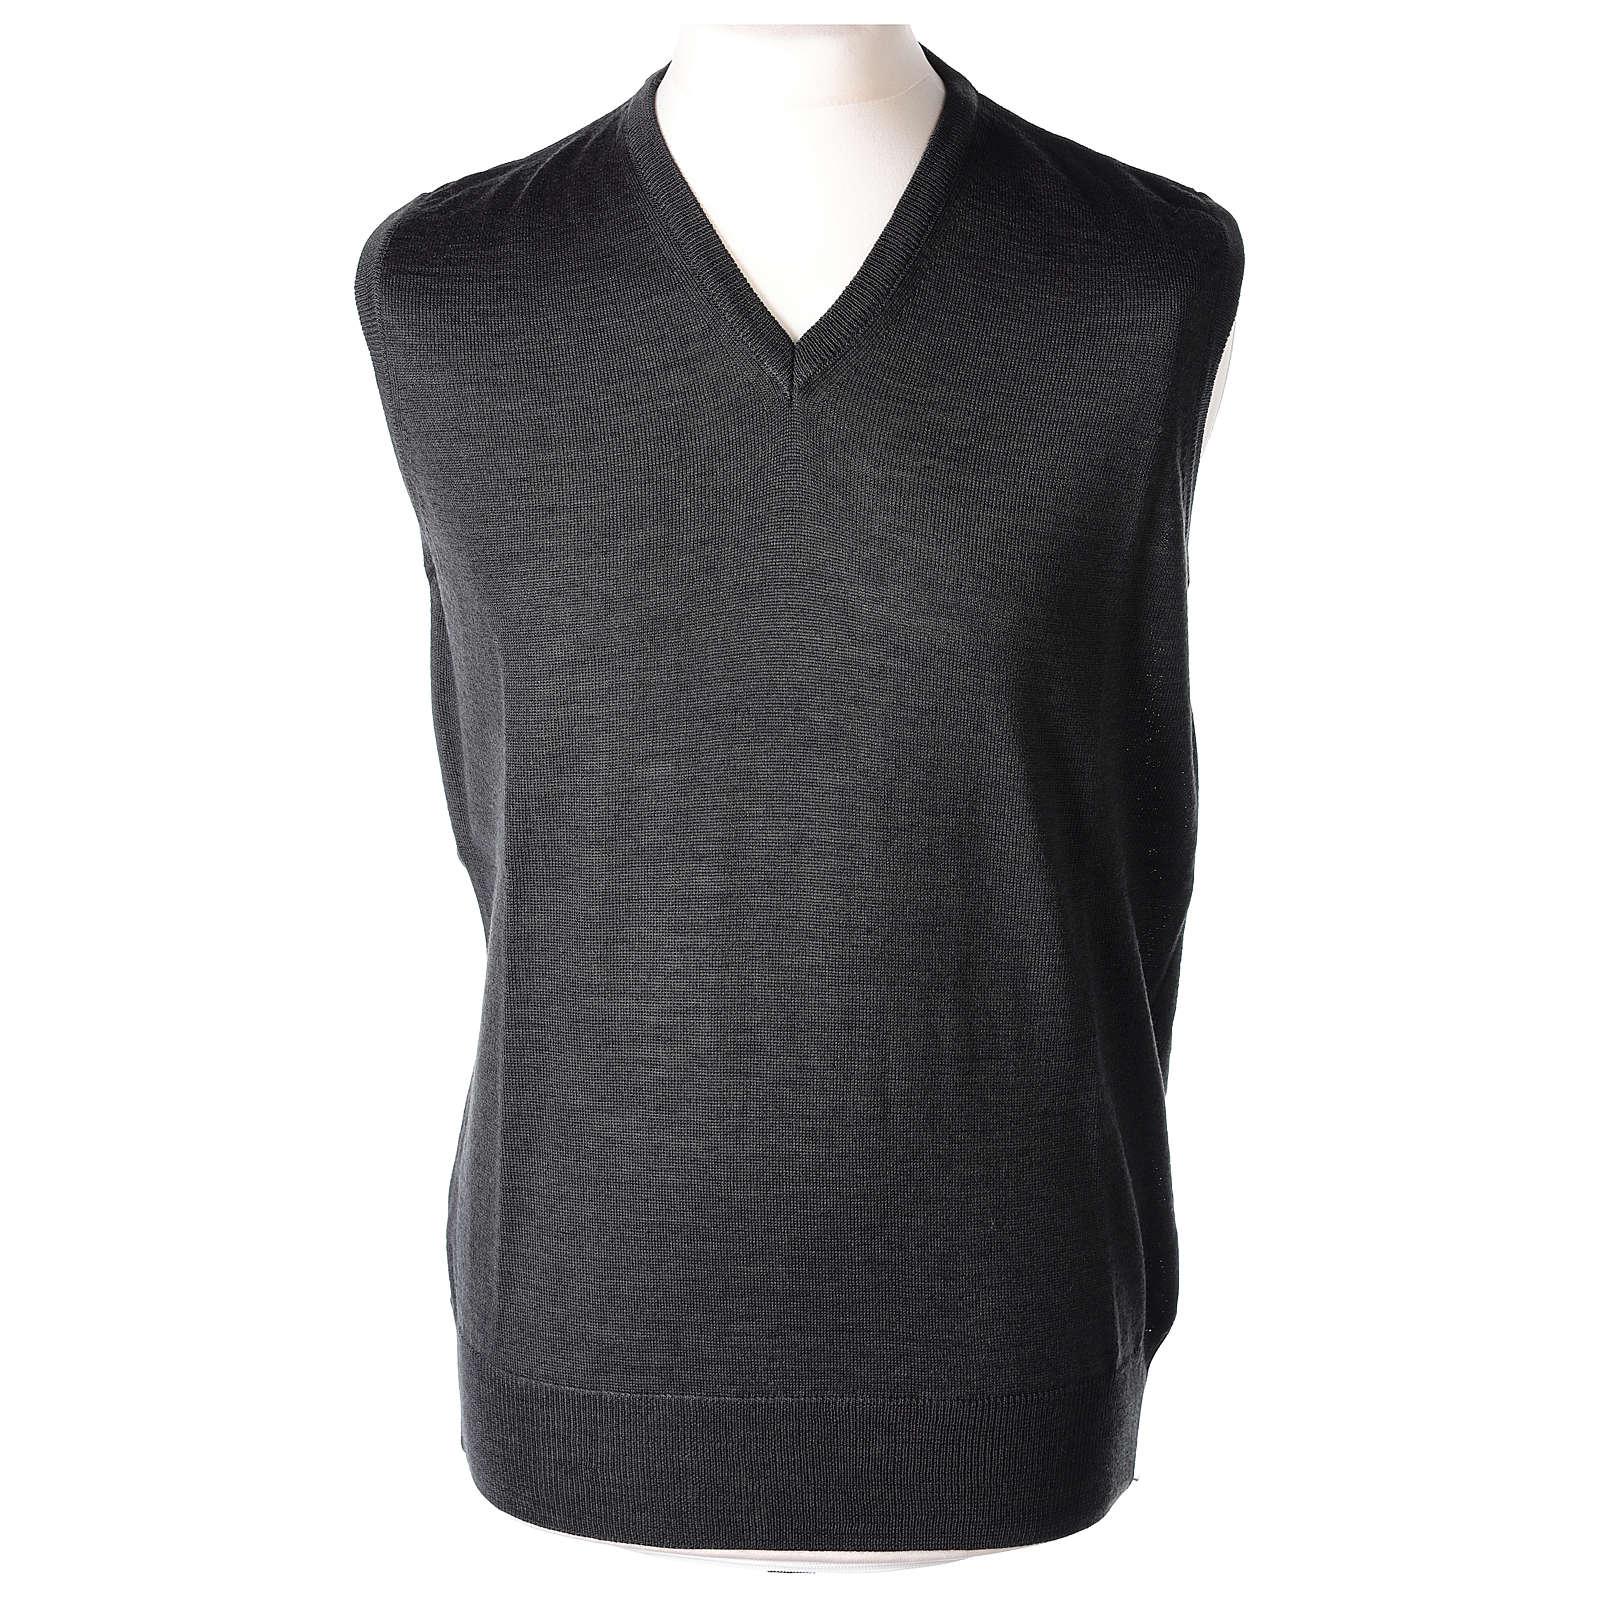 Pull sans manches prêtre gris anthracite jersey simple 50% acrylique 50% laine mérinos In Primis 4